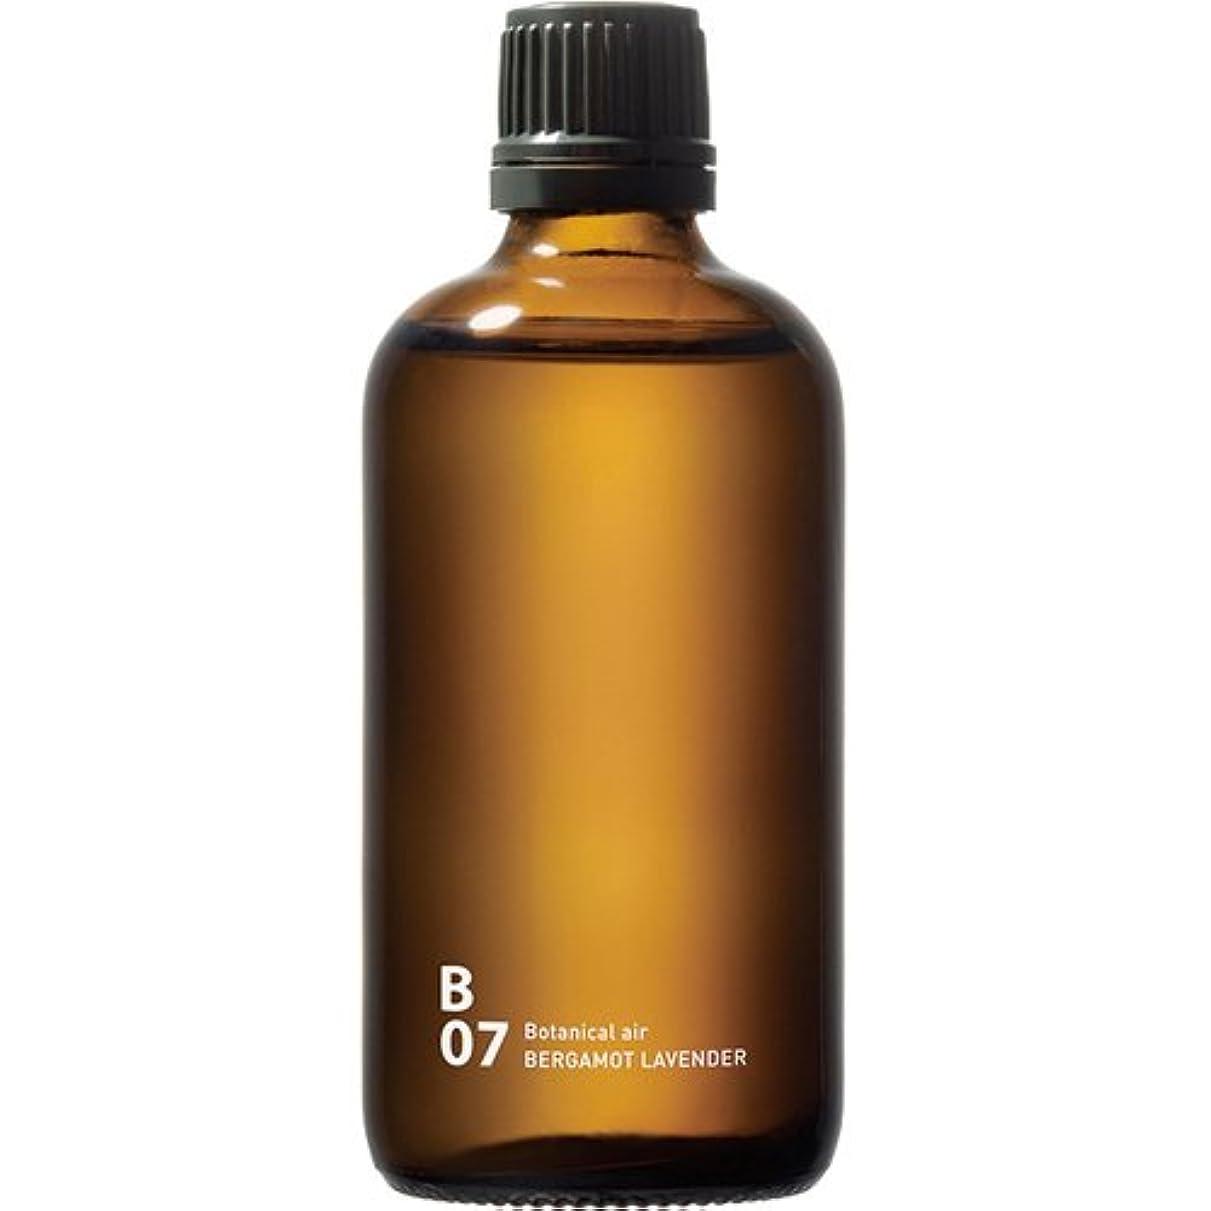 辛な株式普通のB07 BERGAMOT LAVENDER piezo aroma oil 100ml